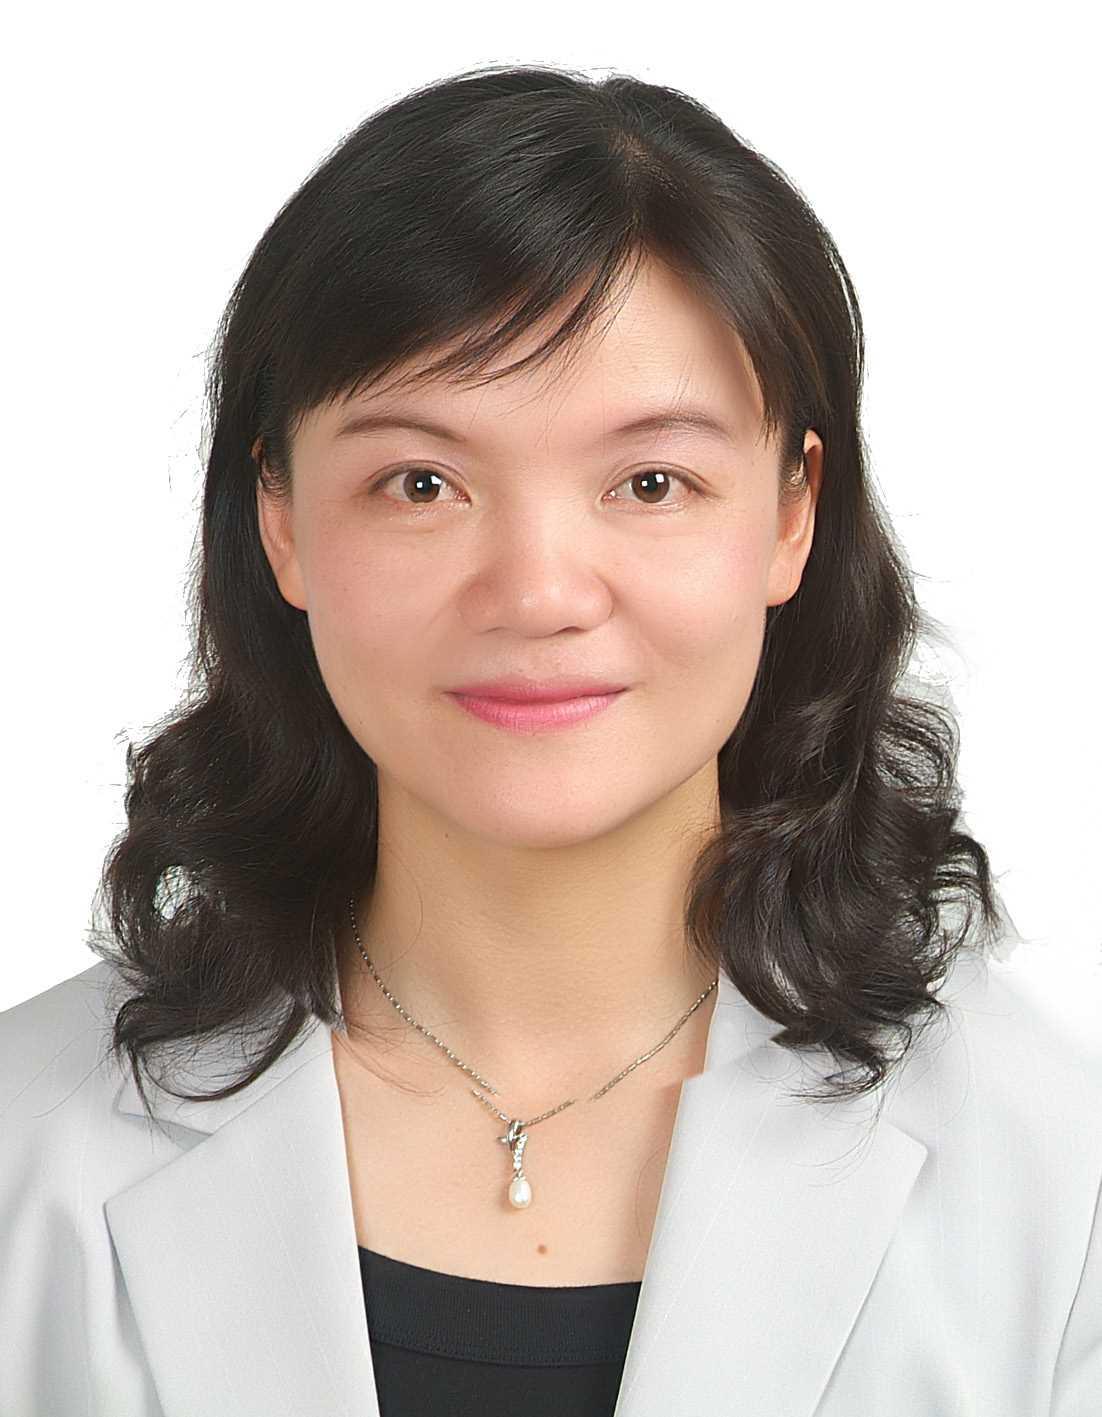 彰化縣文化局第九任局長吳蘭梅